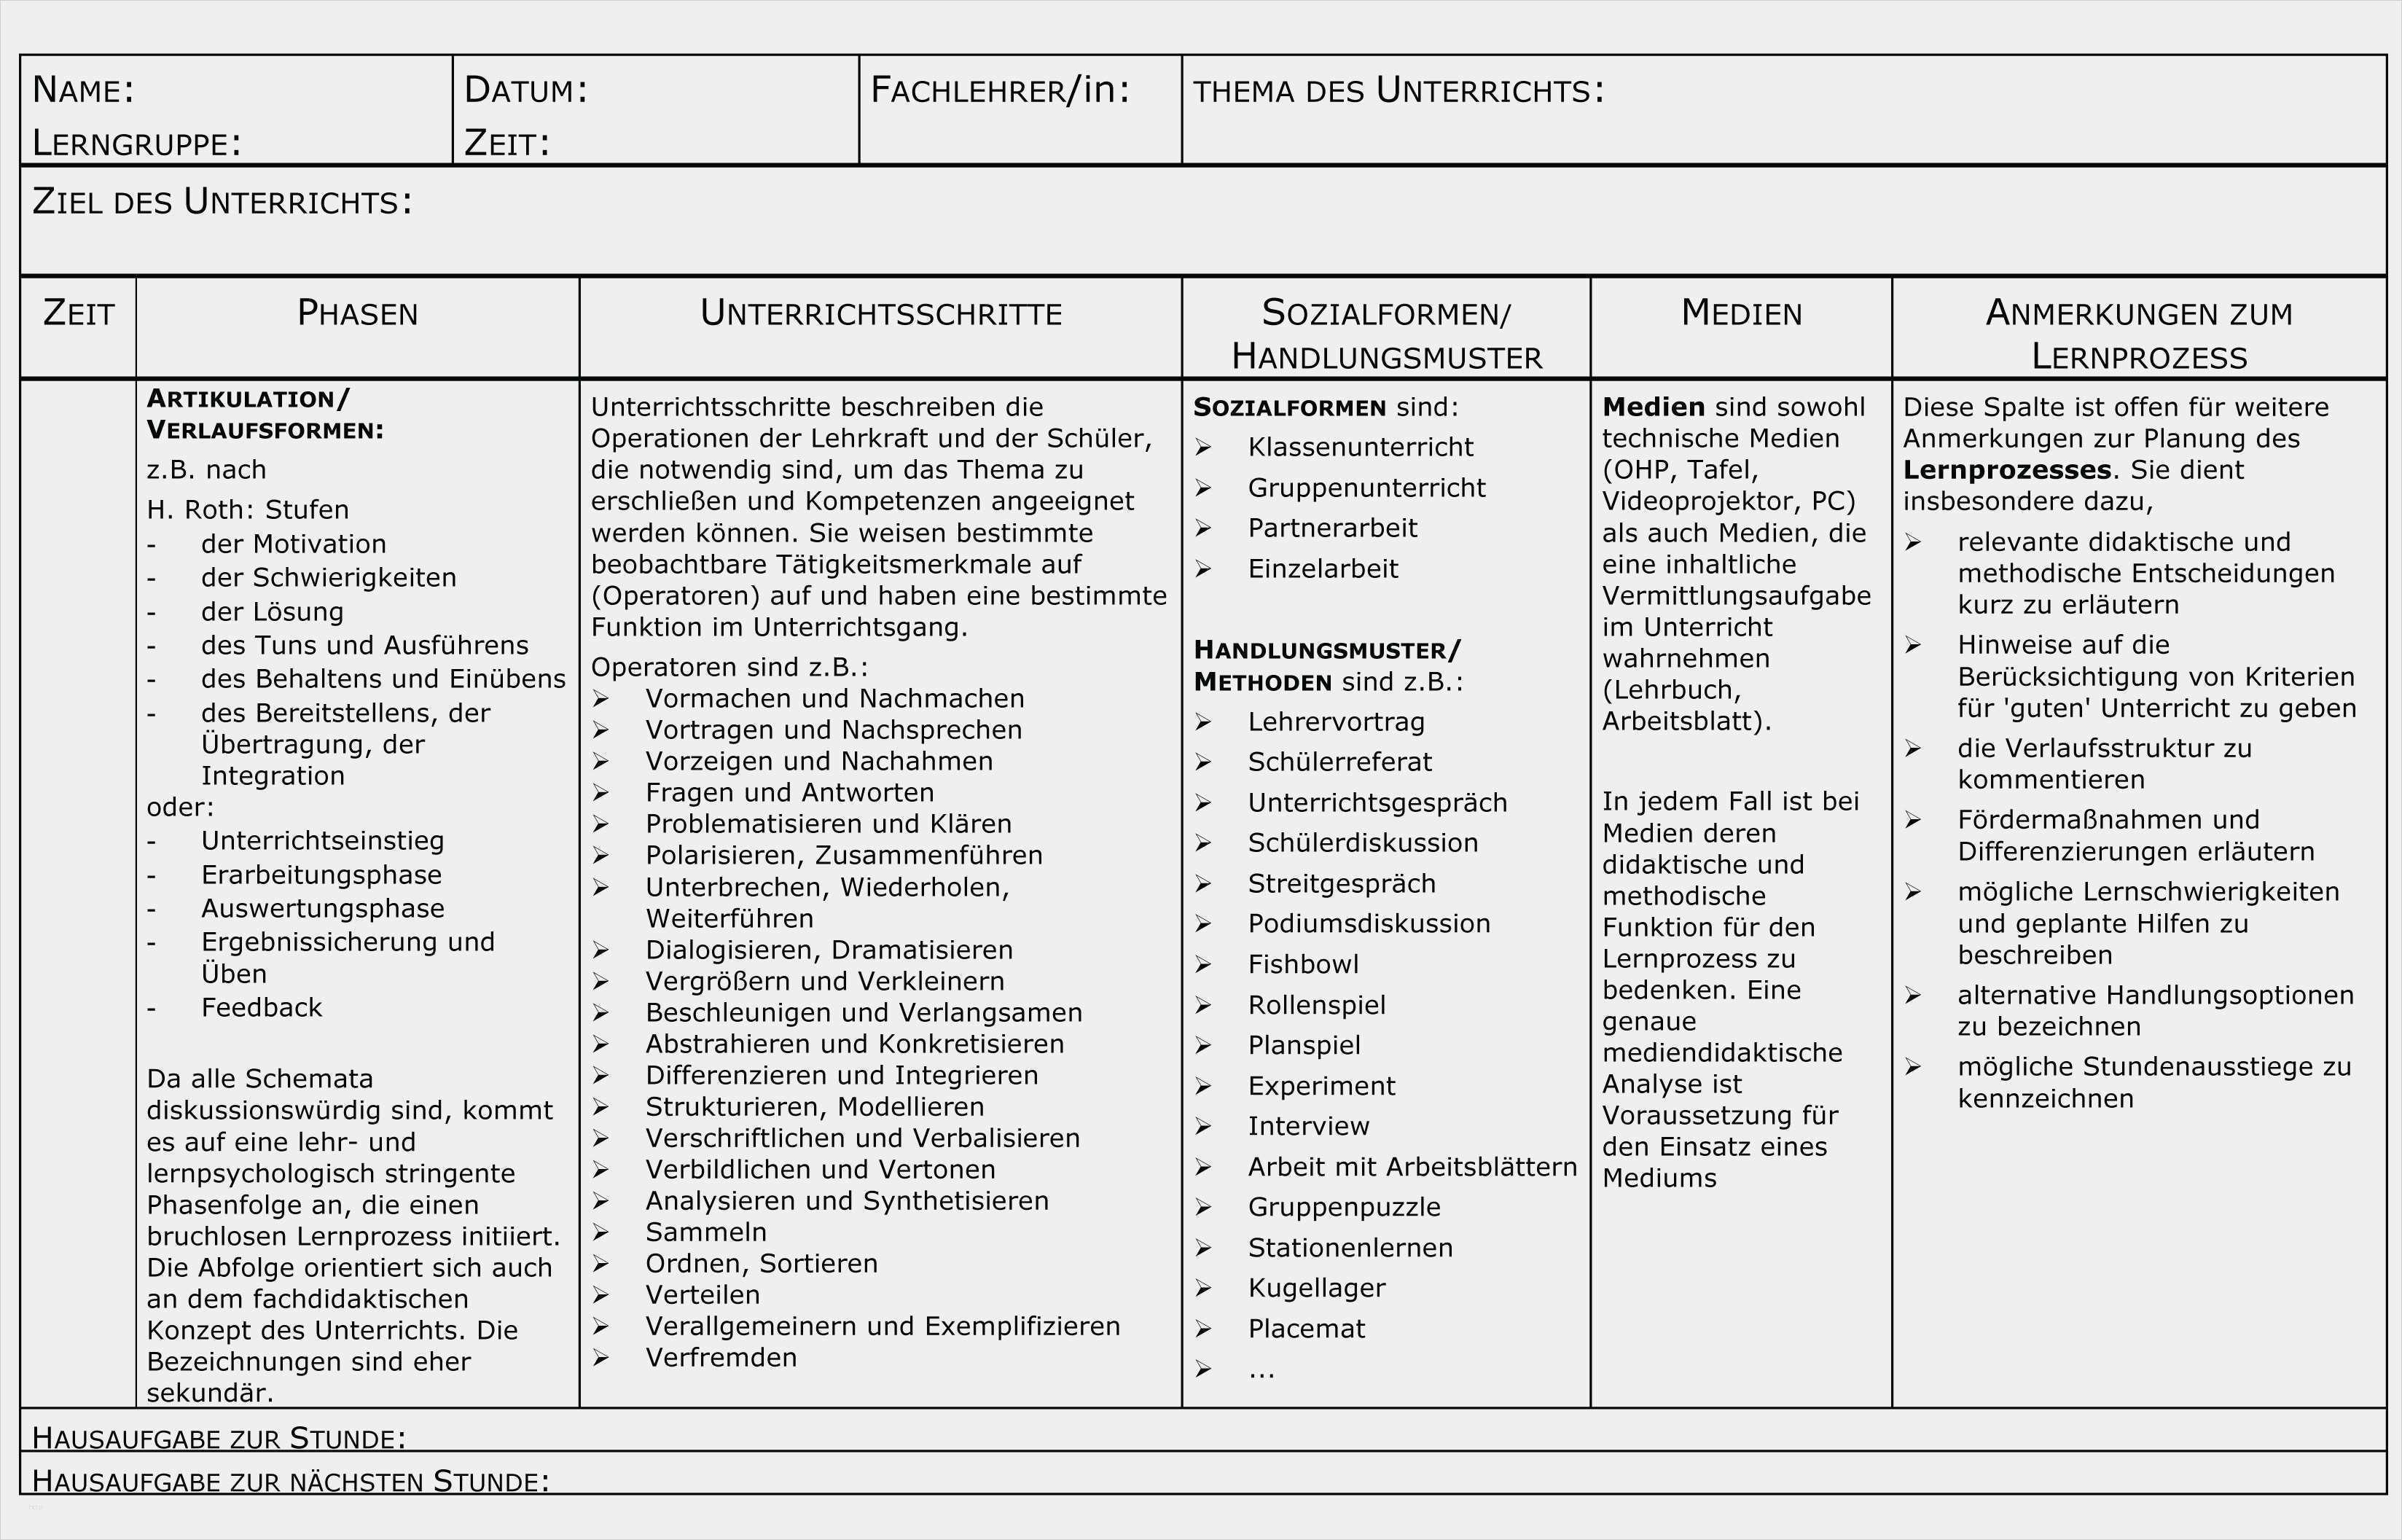 31 Best Of Unterrichtsentwurf Vorlage Grundschule